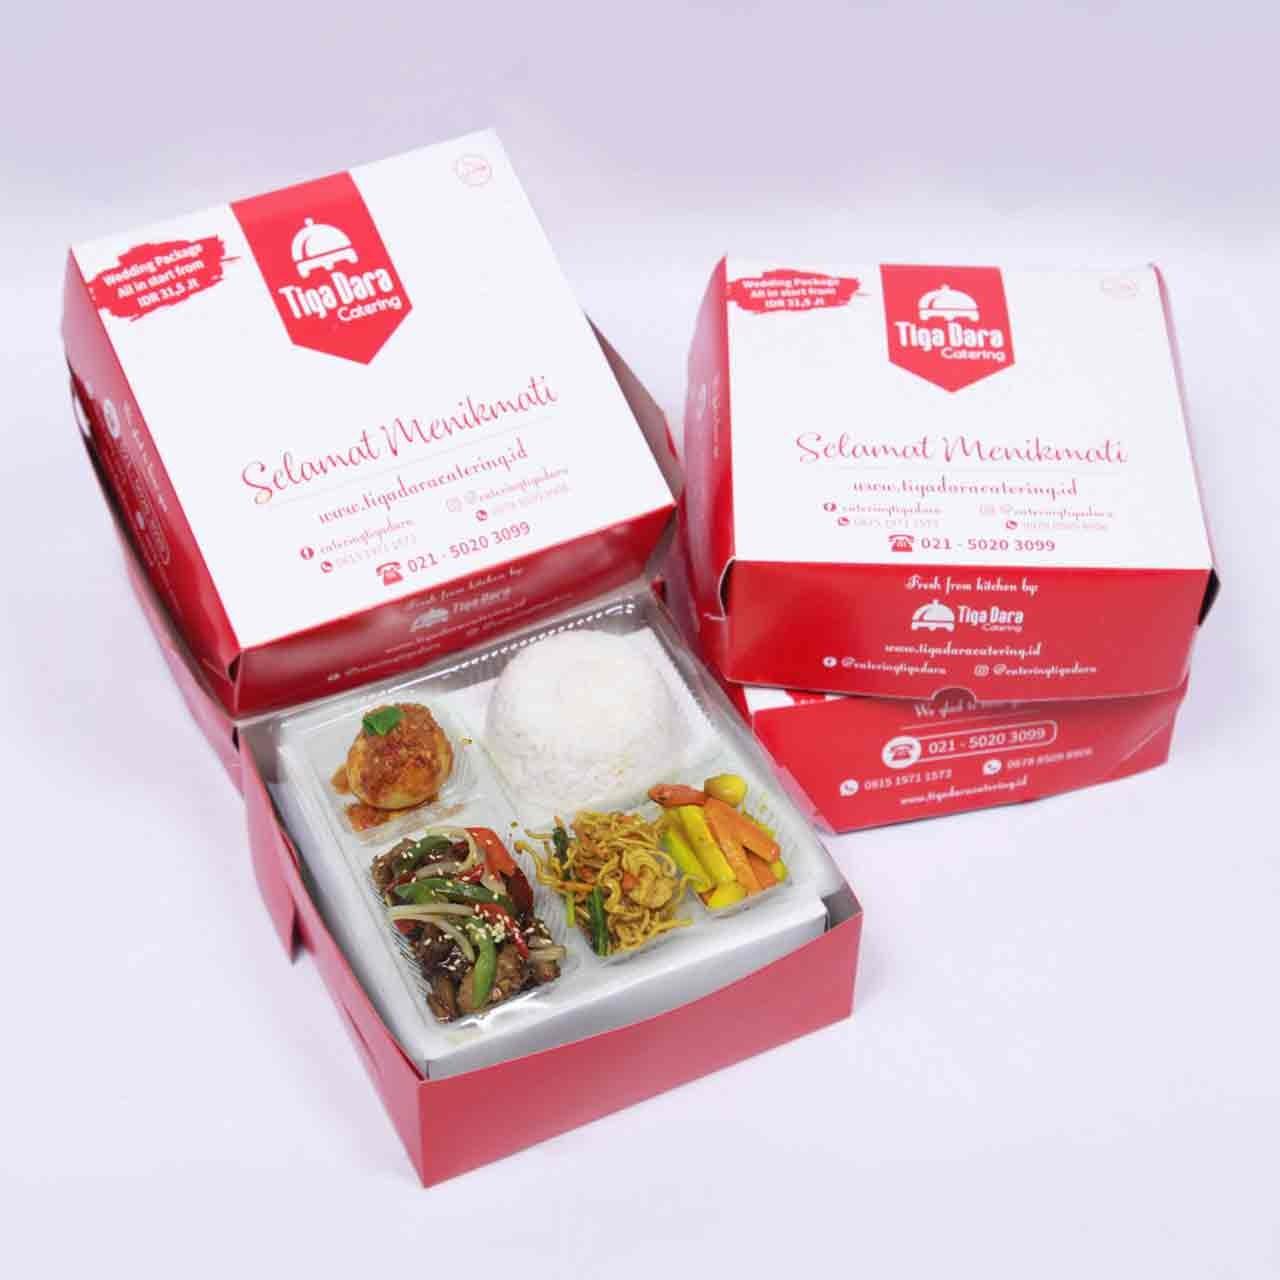 tiga_dara_*Nasi Box Enak & Murah_First Class | Paket 8